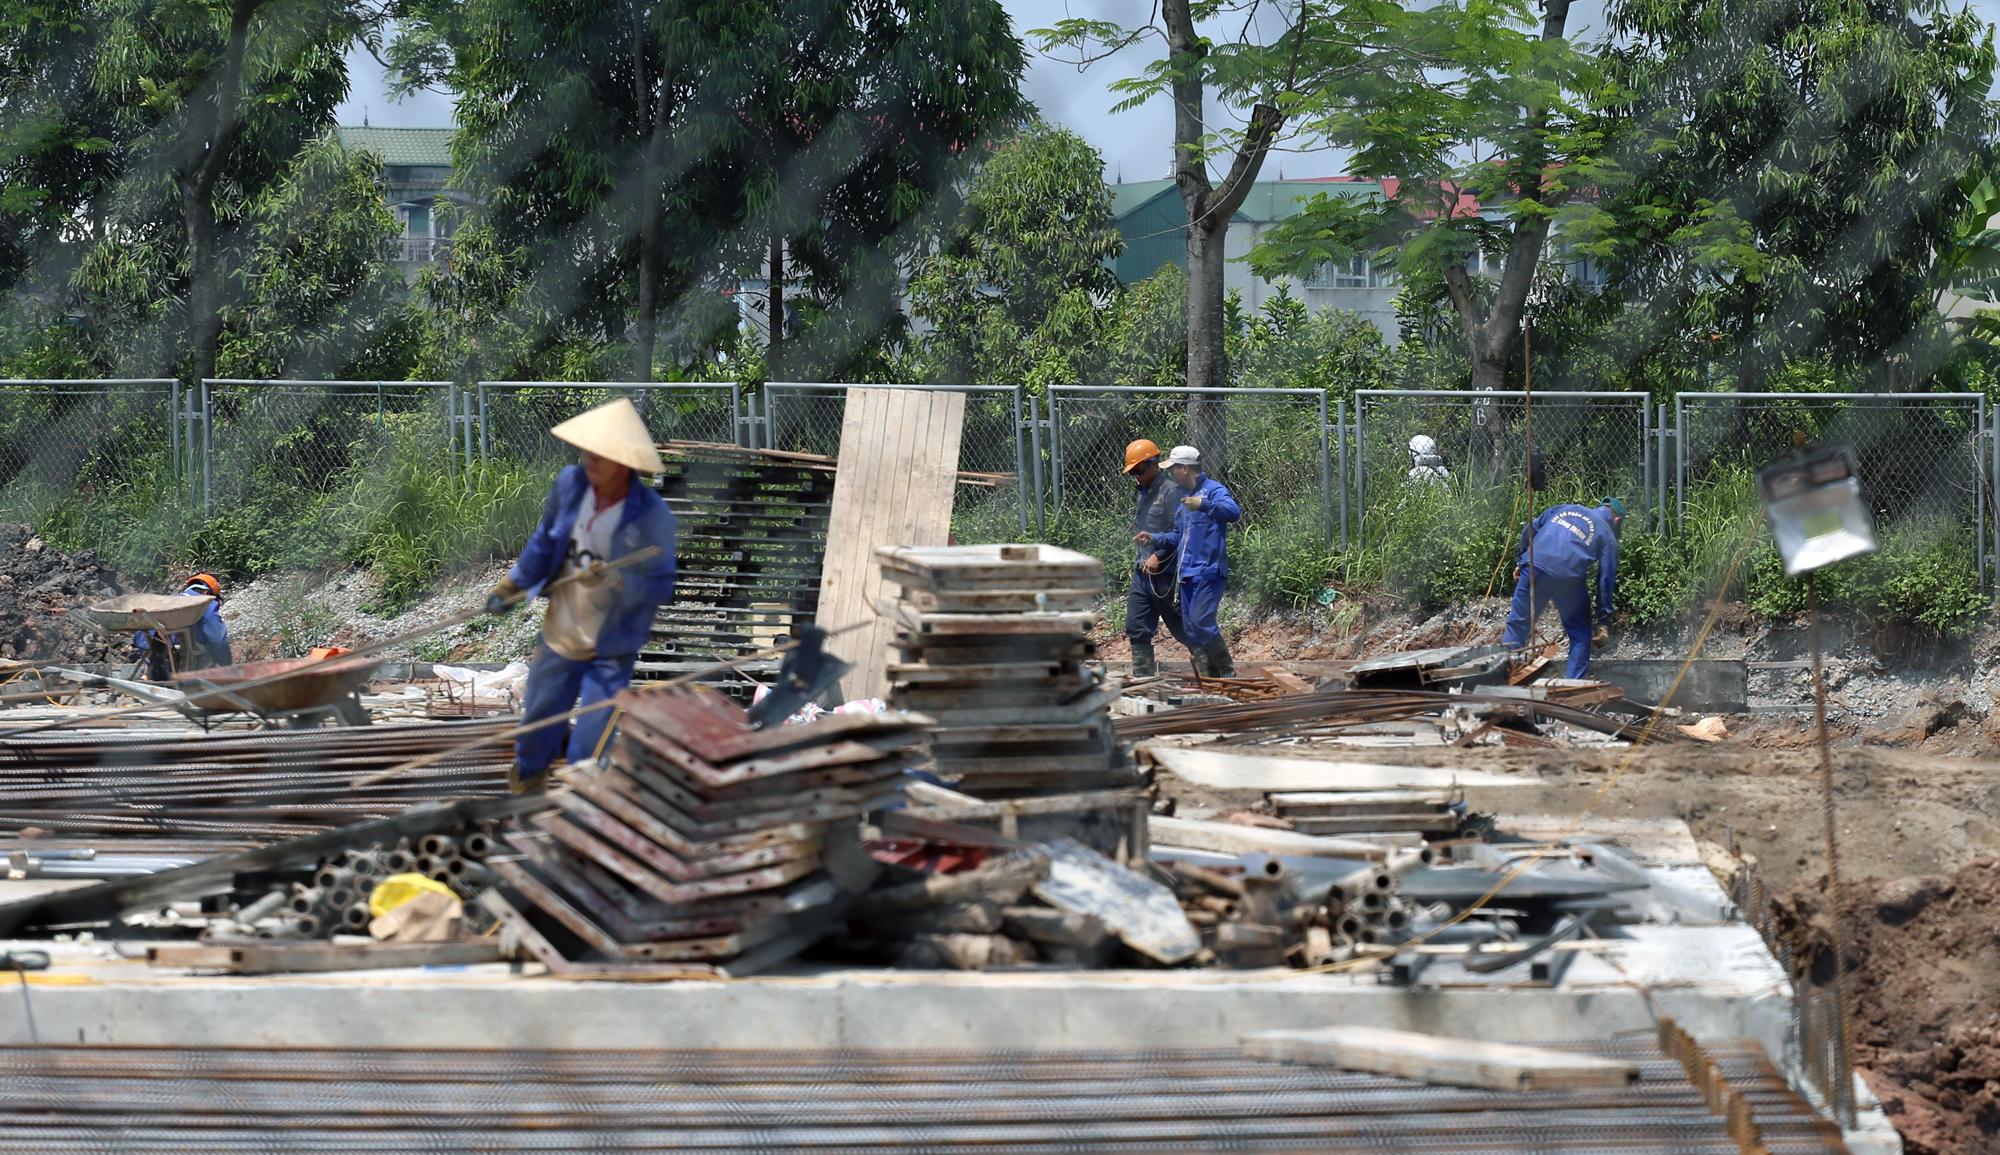 Toàn cảnh dự án xây dựng nút giao Vành đai 3 với cao tốc Hà Nội - Hải Phòng - Ảnh 13.